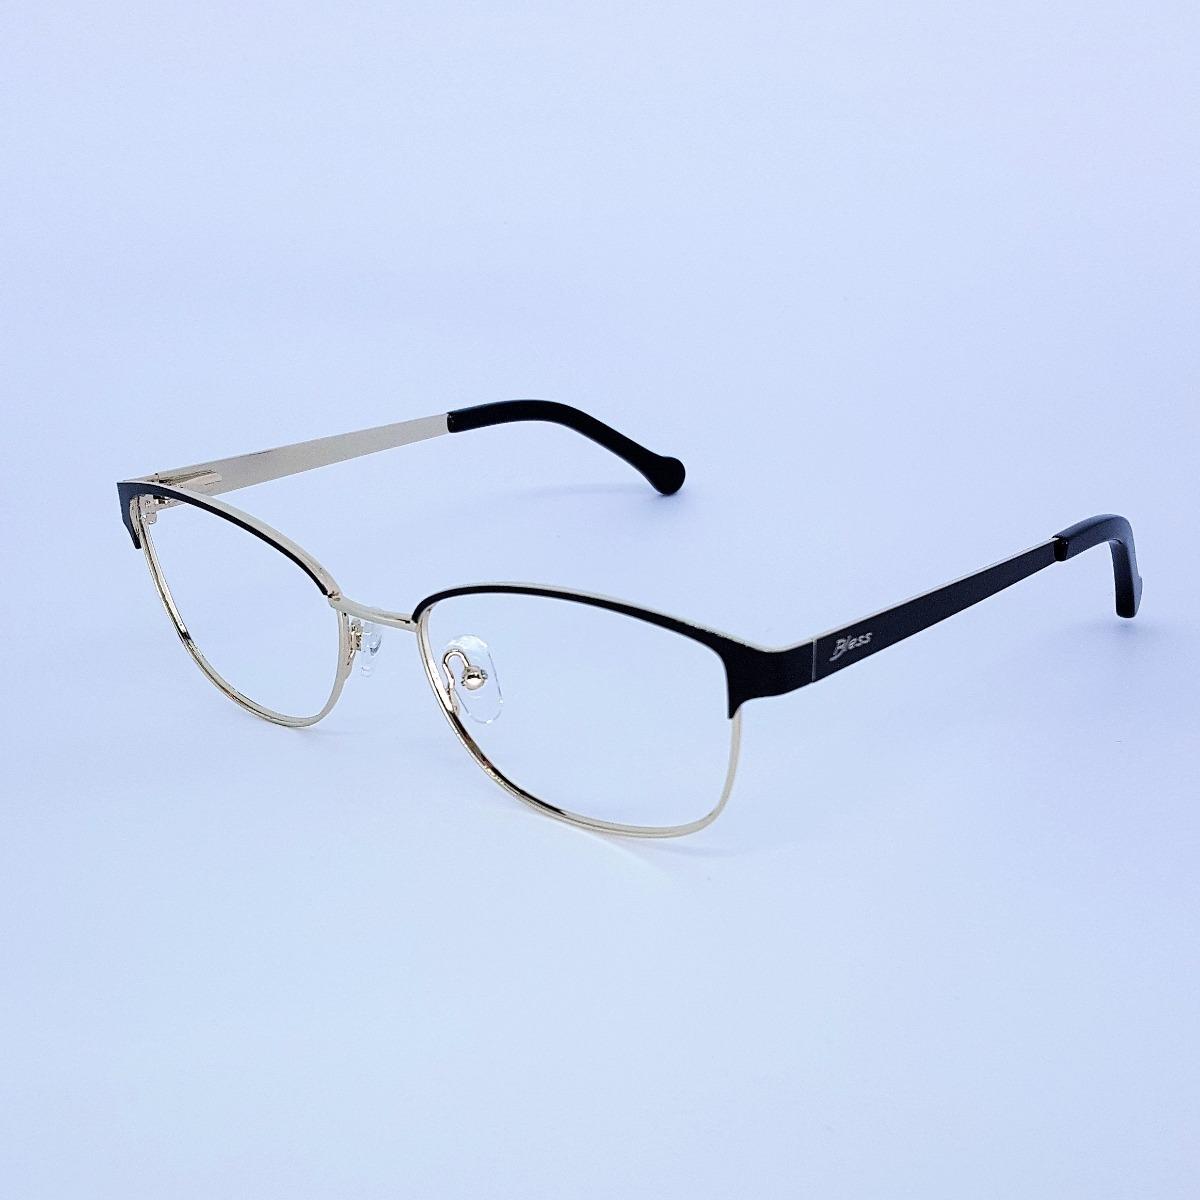 395d2df933cbd Armação De Óculos De Grau Metal Feminino Bless - R  118,00 em ...